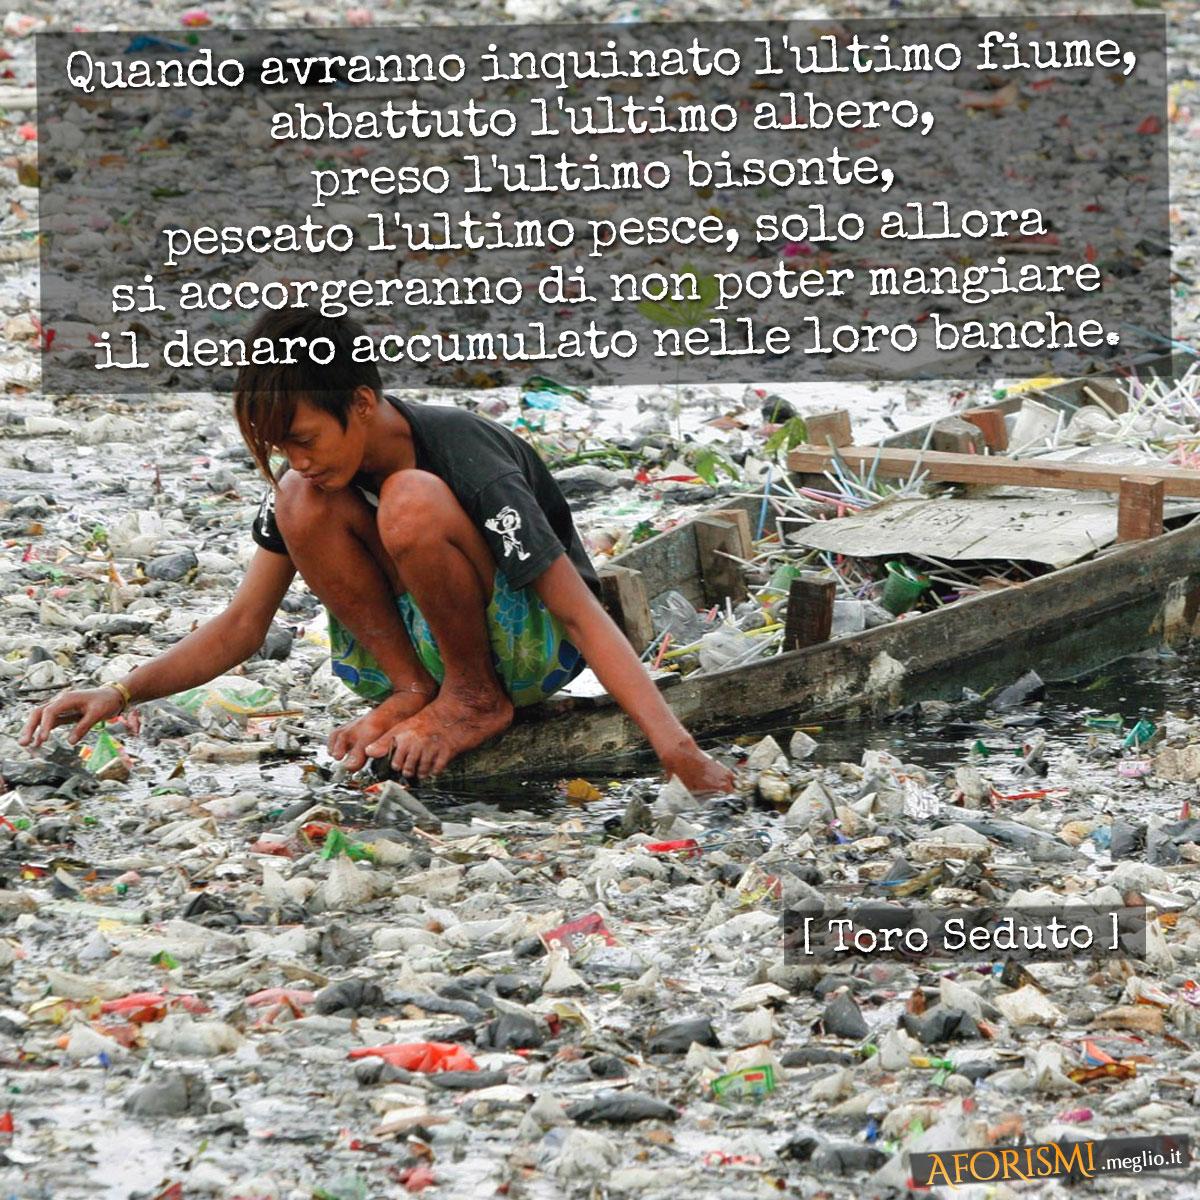 Frasi e citazioni sul tema dell'inquinamento